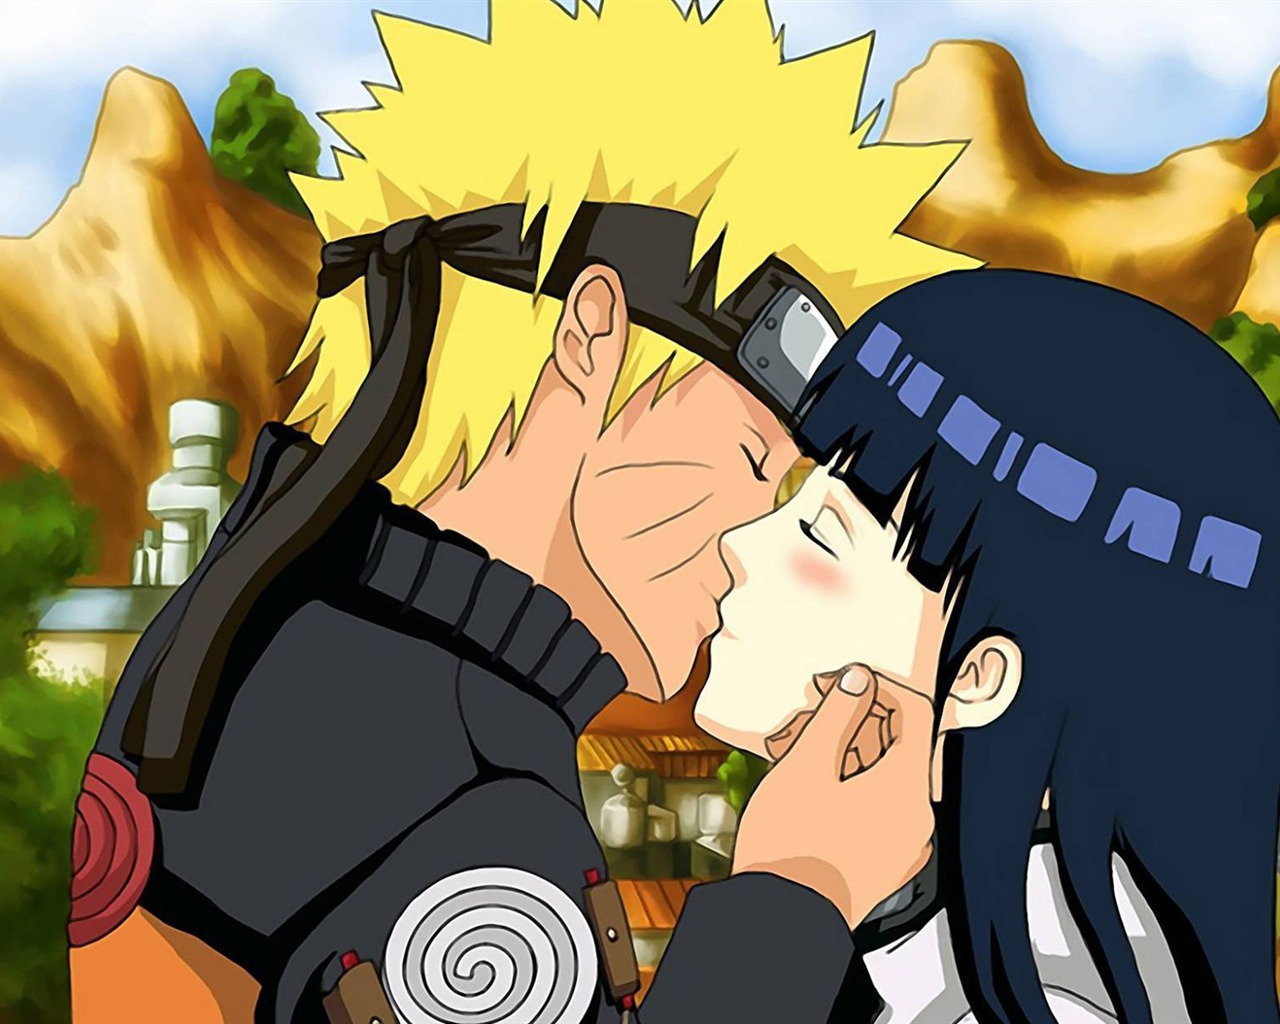 Naruto And Hinata Kissing Anime Character Wallpaper Preview 10wallpaper Com